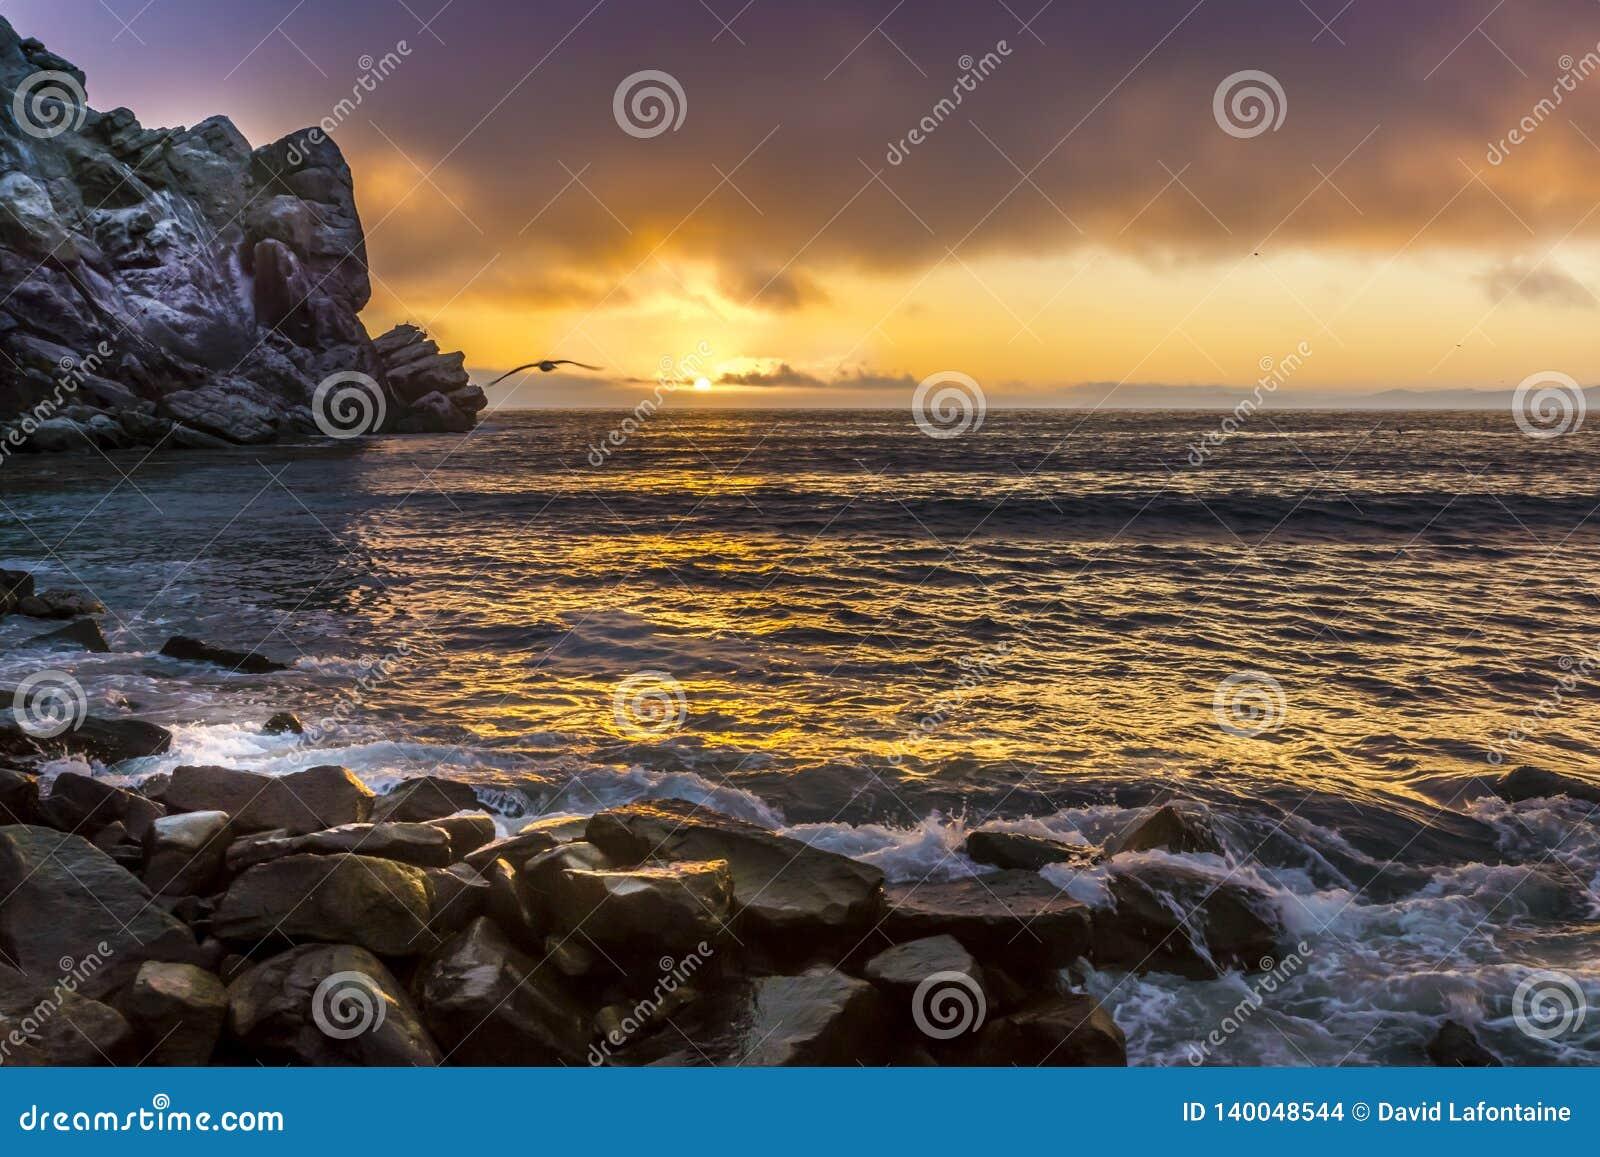 De Zonsondergang van de Morrobaai met Meeuw